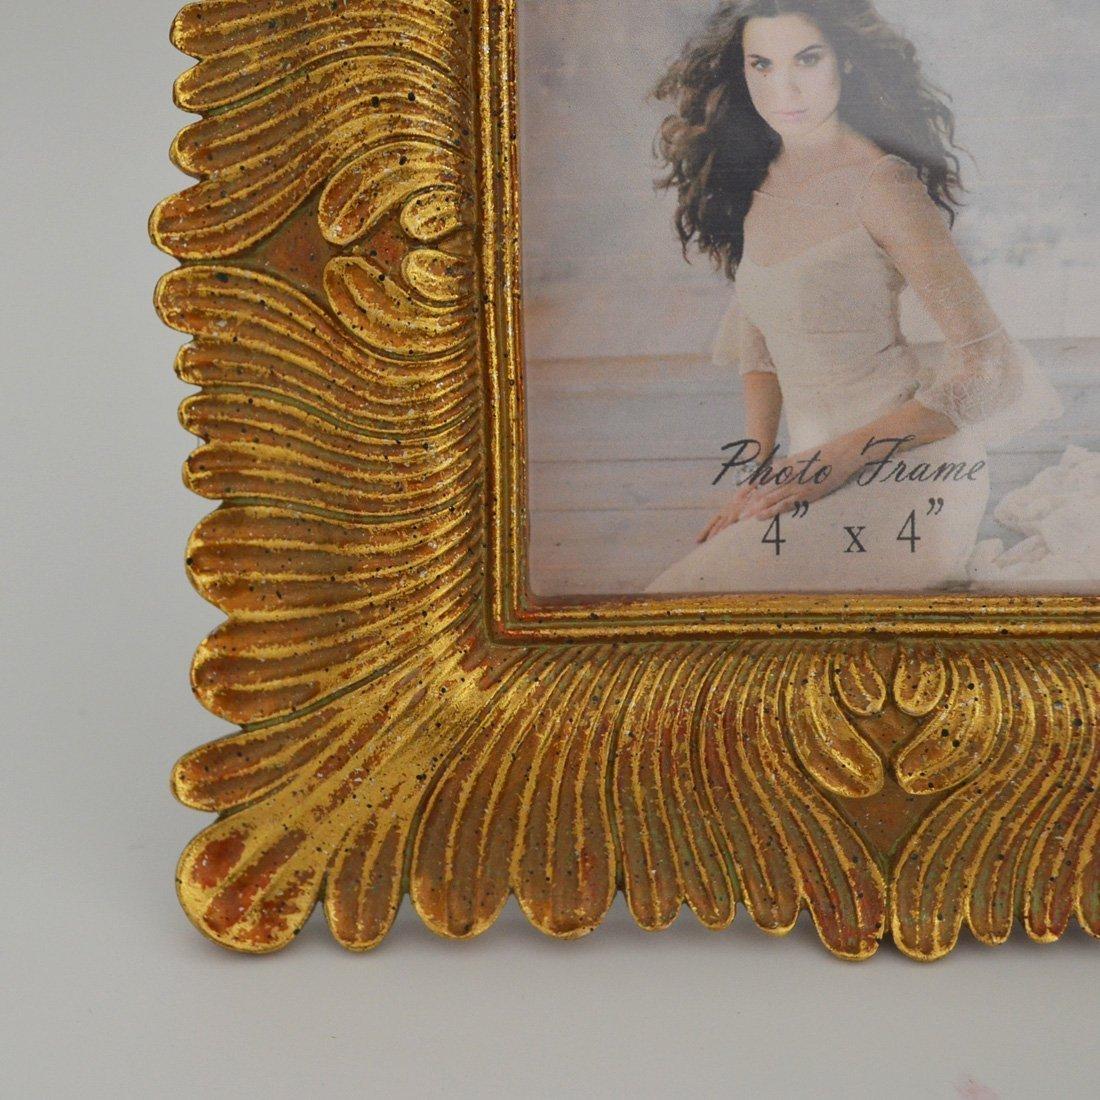 Geschenk Garten 4 x 4 Gold Bilderrahmen Vintage Rahmen 4 von 10,2 cm ...